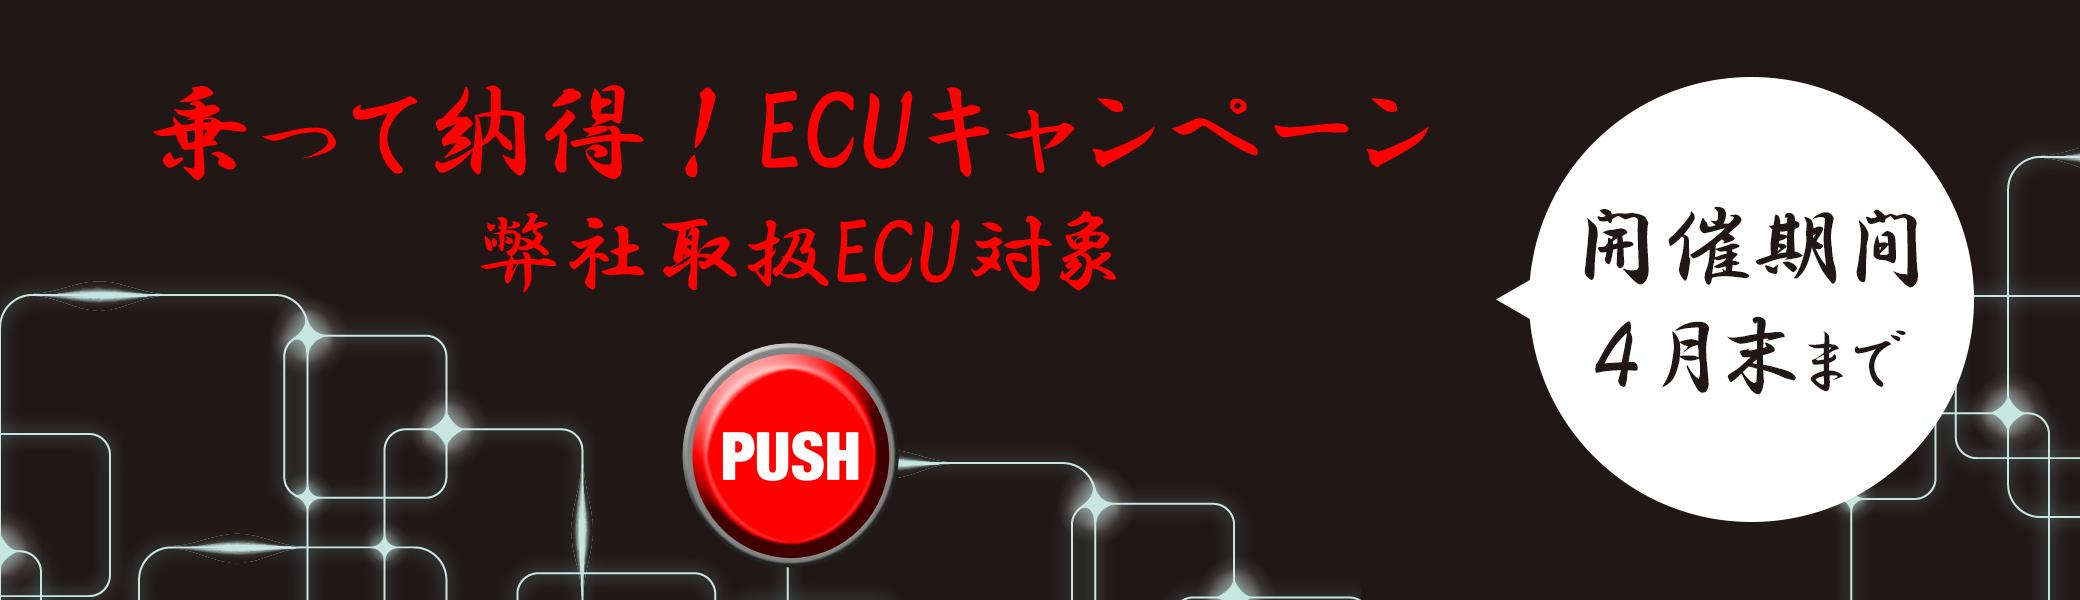 乗って納得ECUキャンペーン